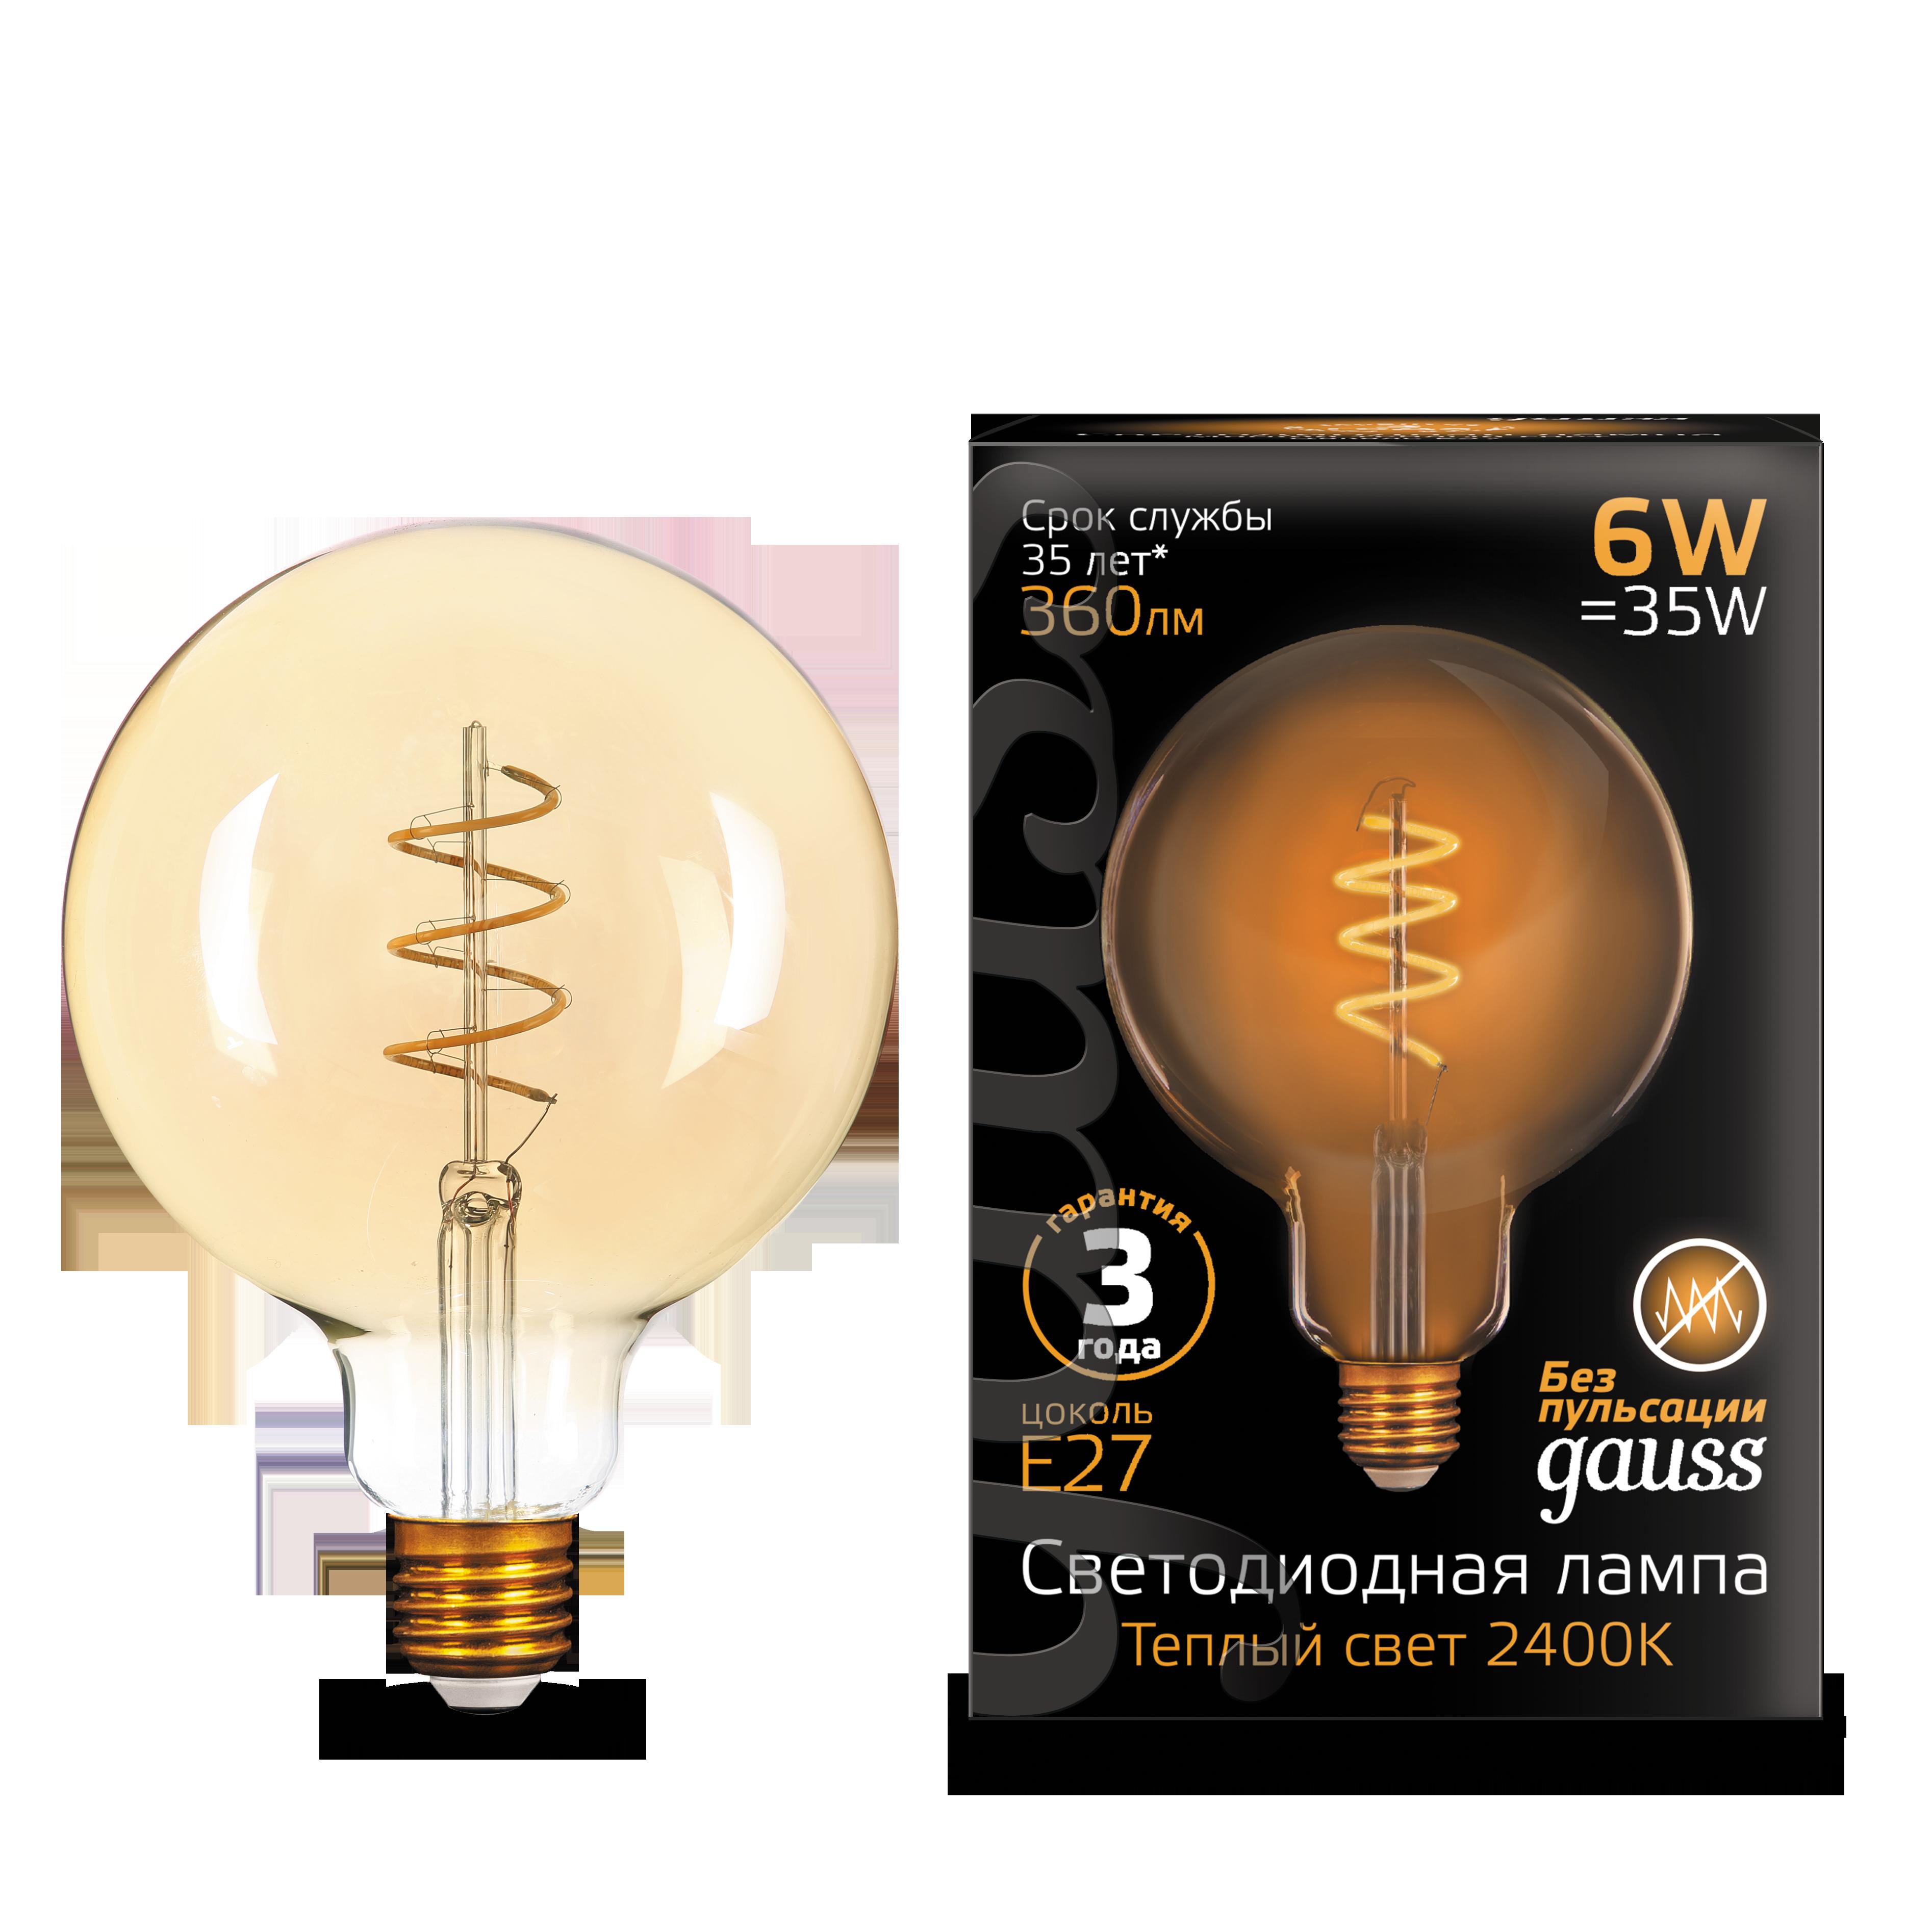 Филаментная светодиодная лампа Gauss 158802008 шар E27 6W, 2400K (теплый) CRI>90 185-265V, гарантия 3 года - фото 1